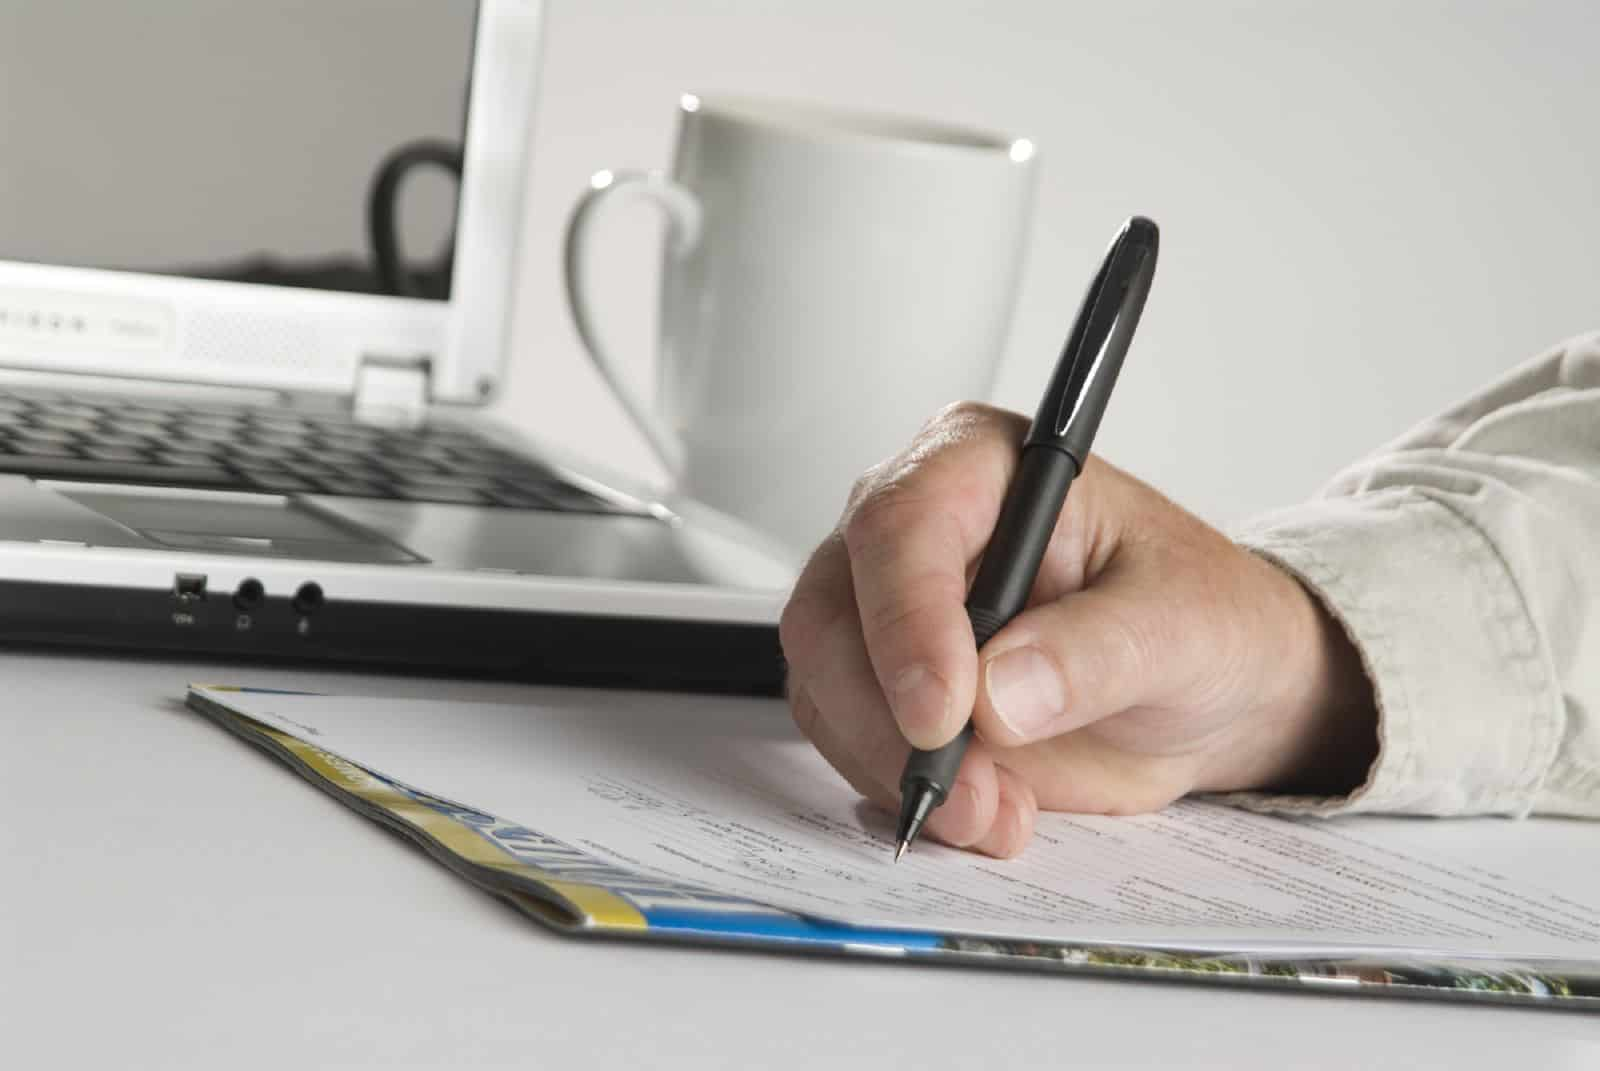 Как написать заявление на совмещение должностей образец